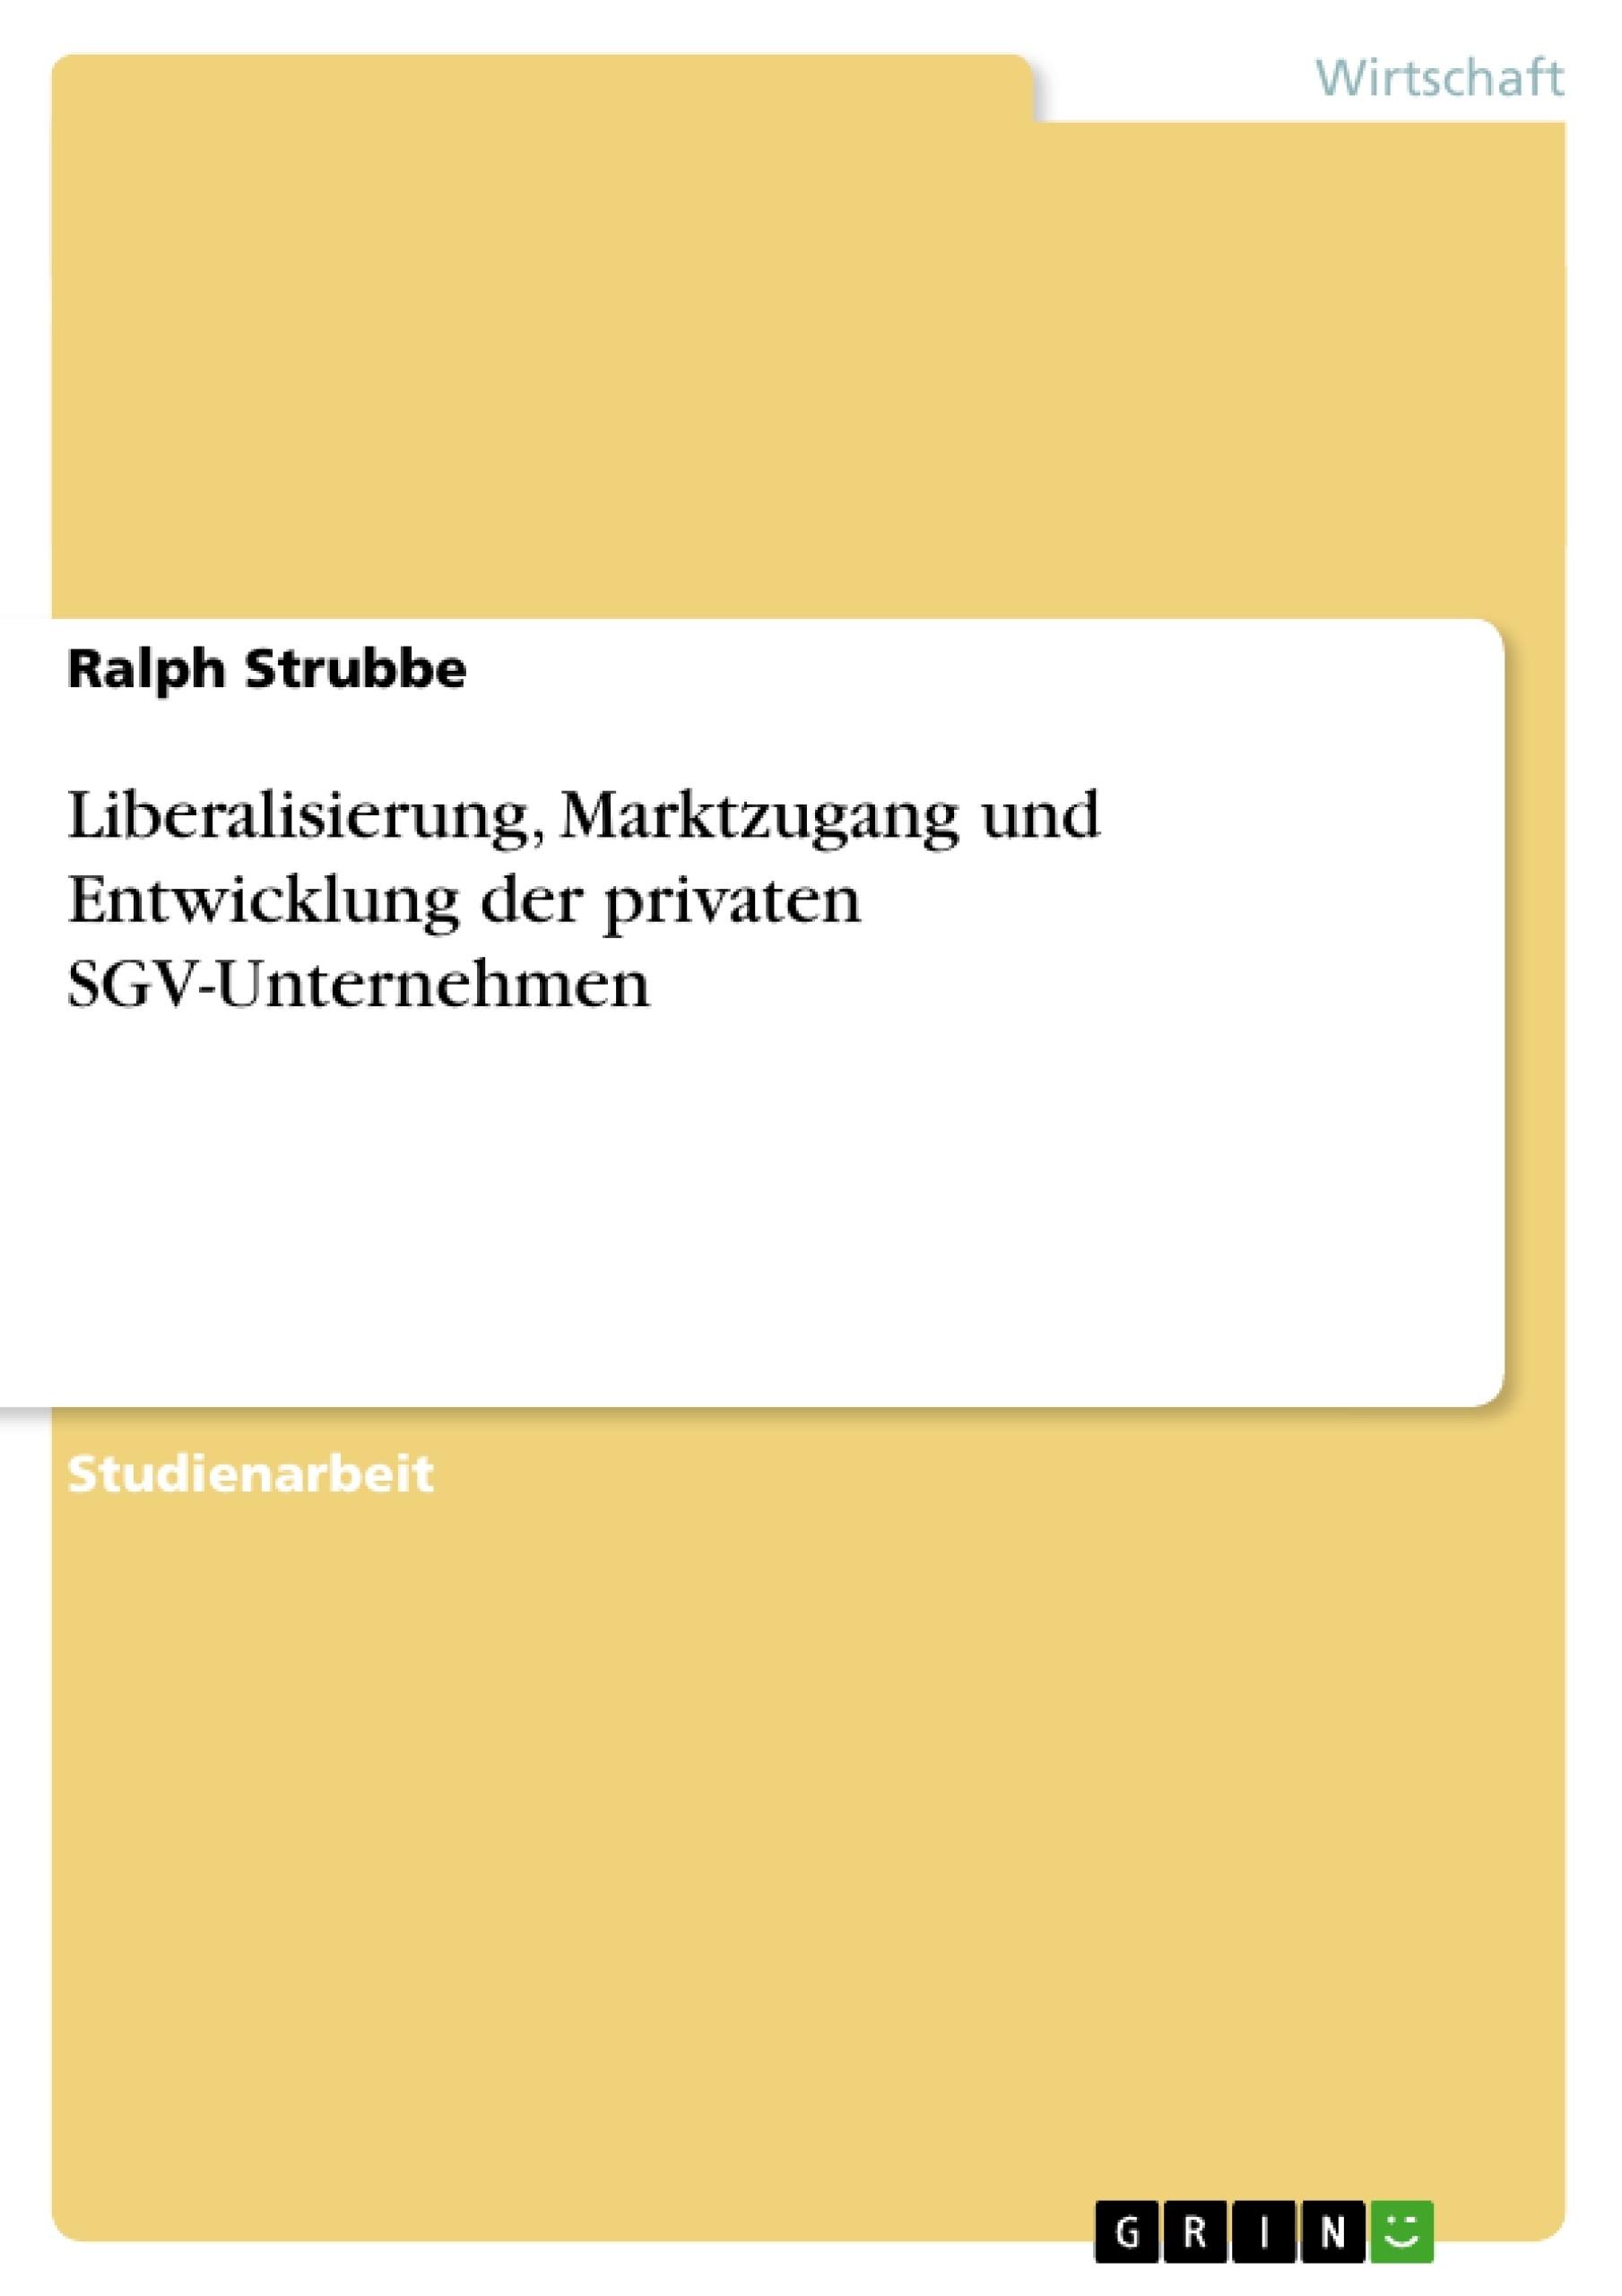 Titel: Liberalisierung, Marktzugang und Entwicklung der privaten SGV-Unternehmen